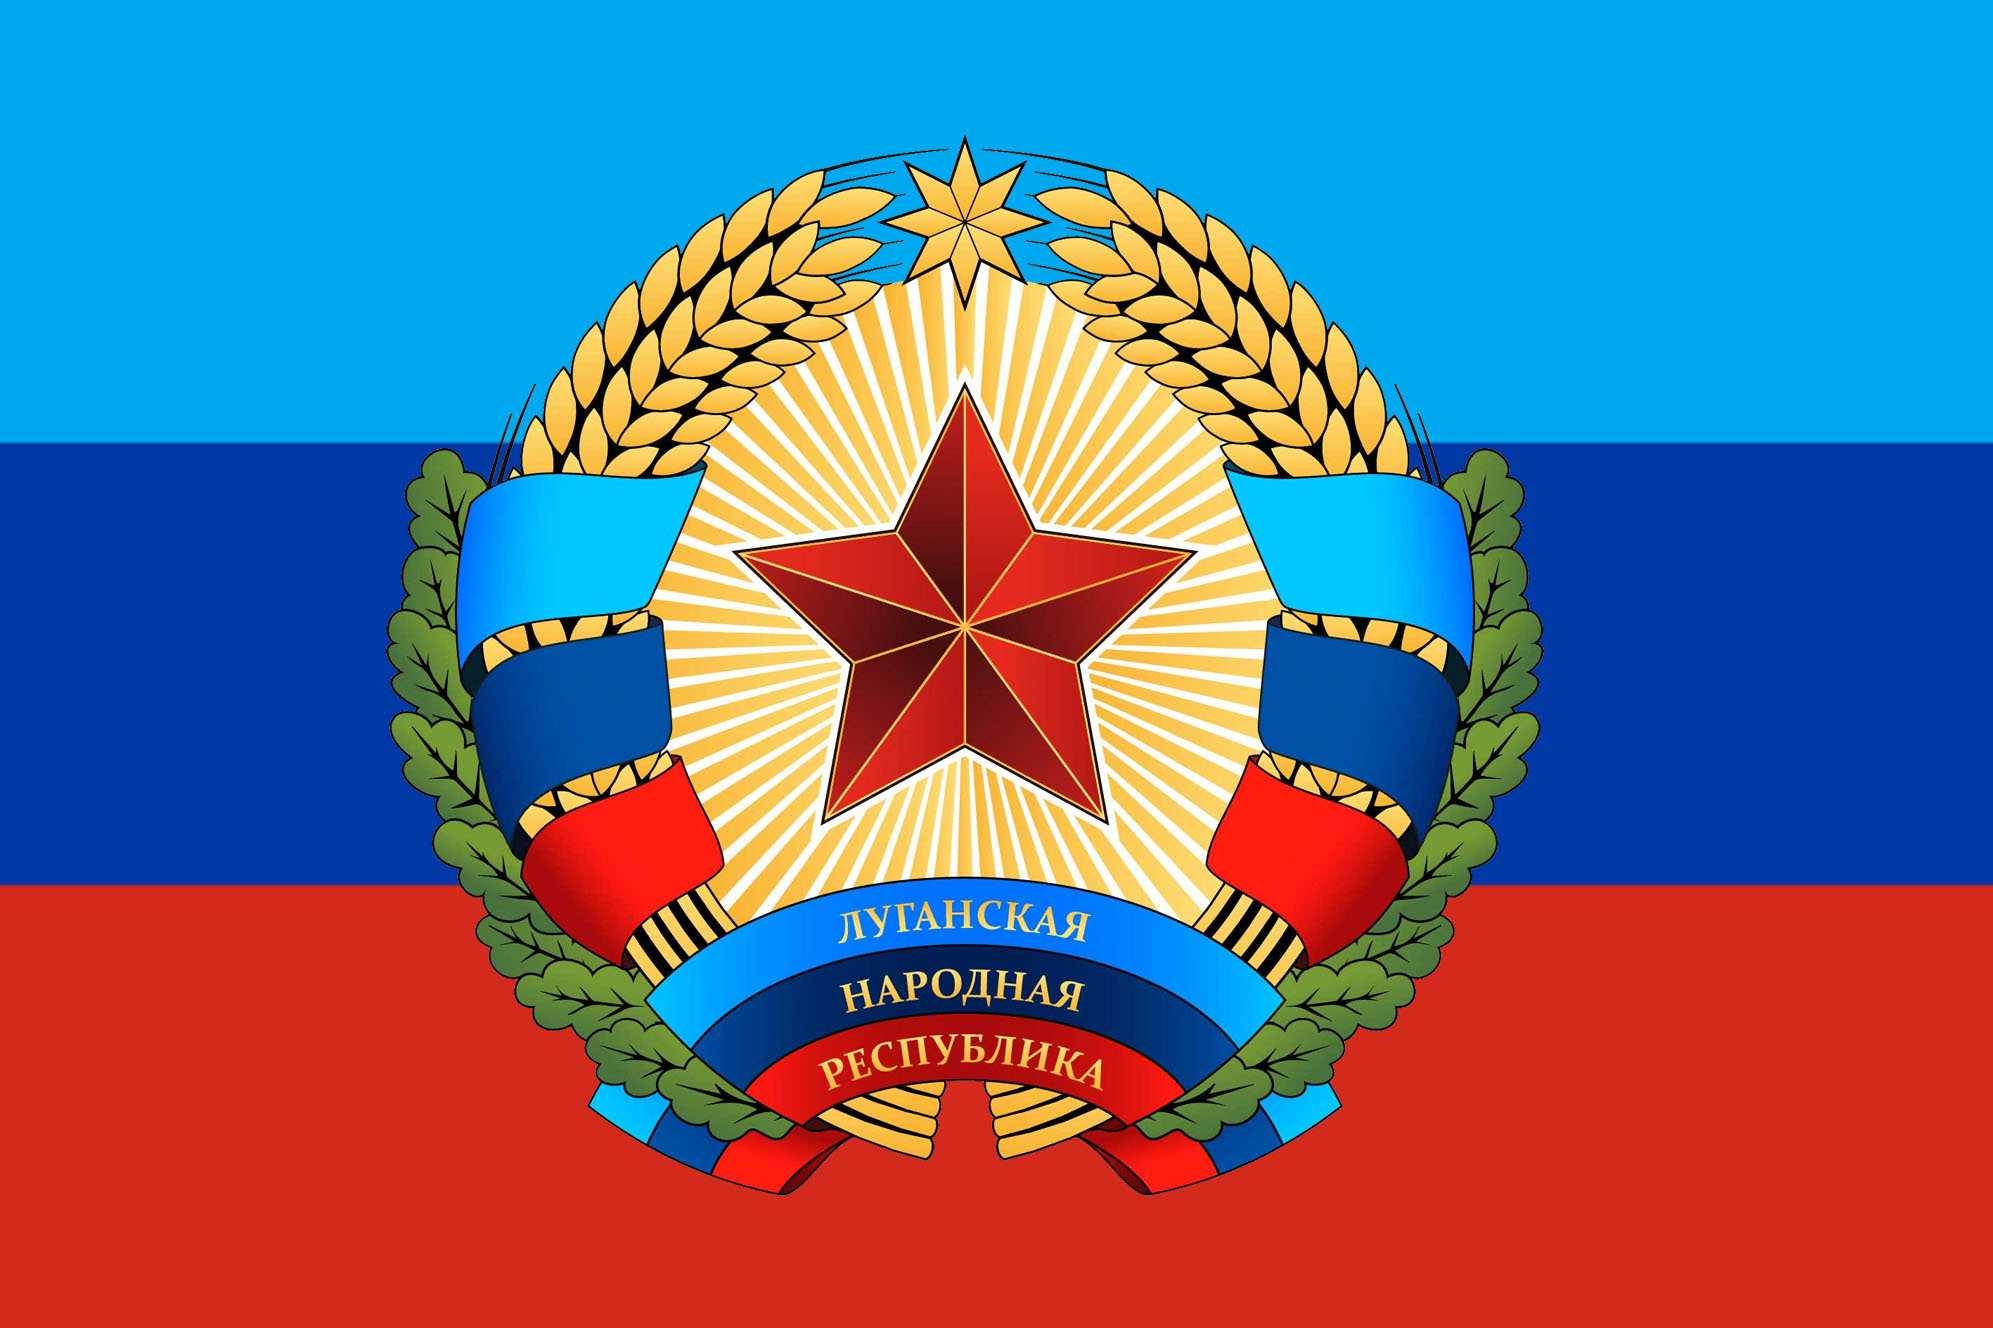 ЛНР готова к прямому диалогу с Украиной, но киевские власти от него уклоняются, — Пасечник | Русская весна